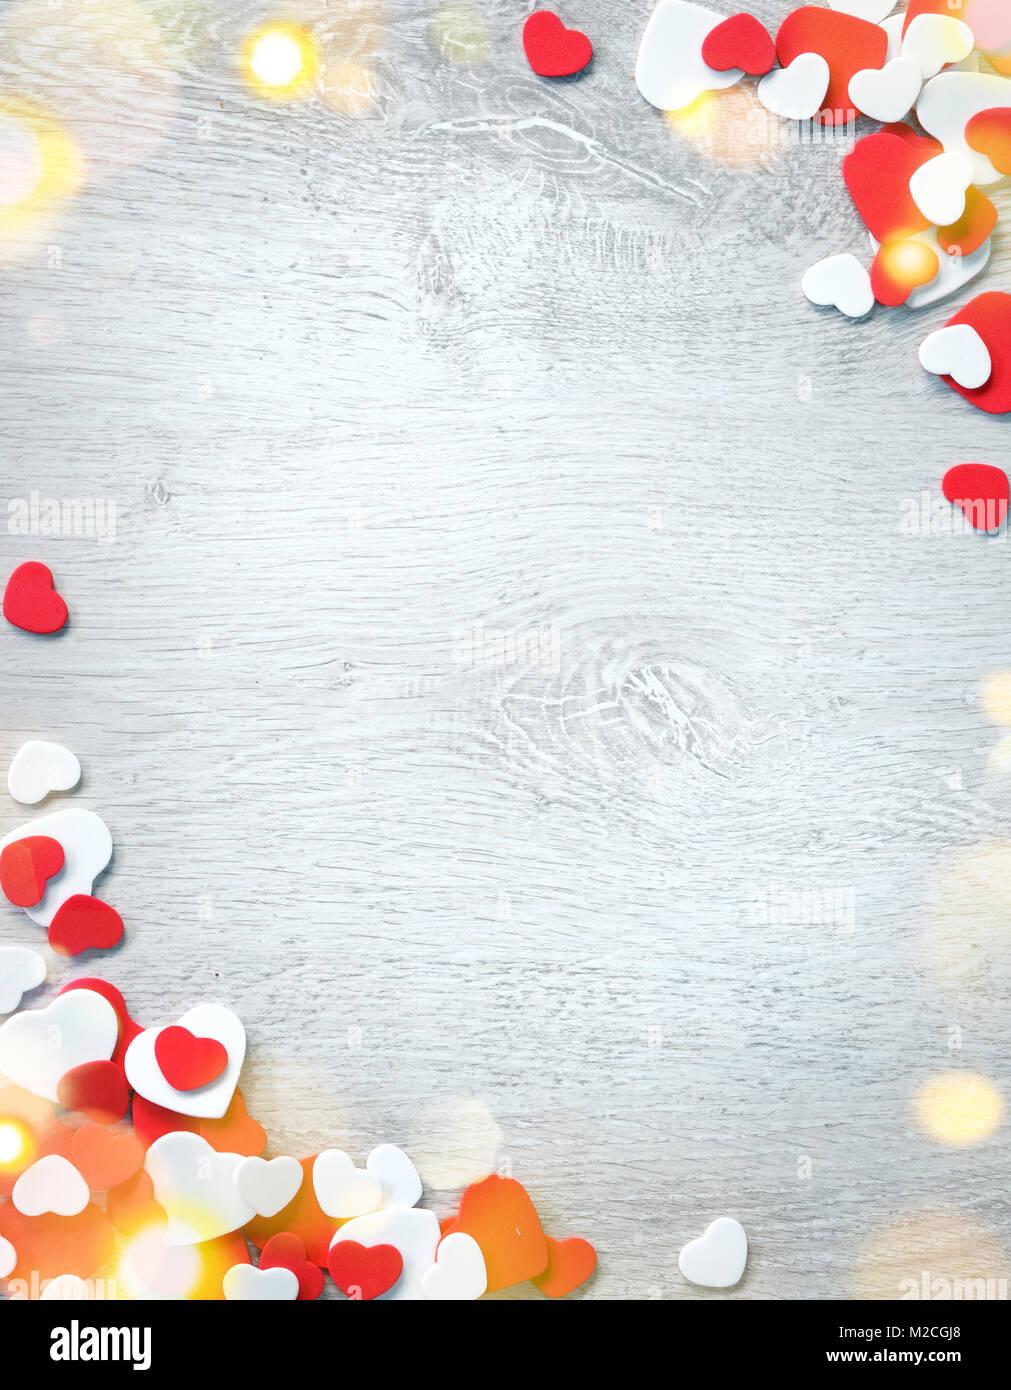 Schönen romantischen Rahmen. Dekorative rote und weiße Herzen auf ...